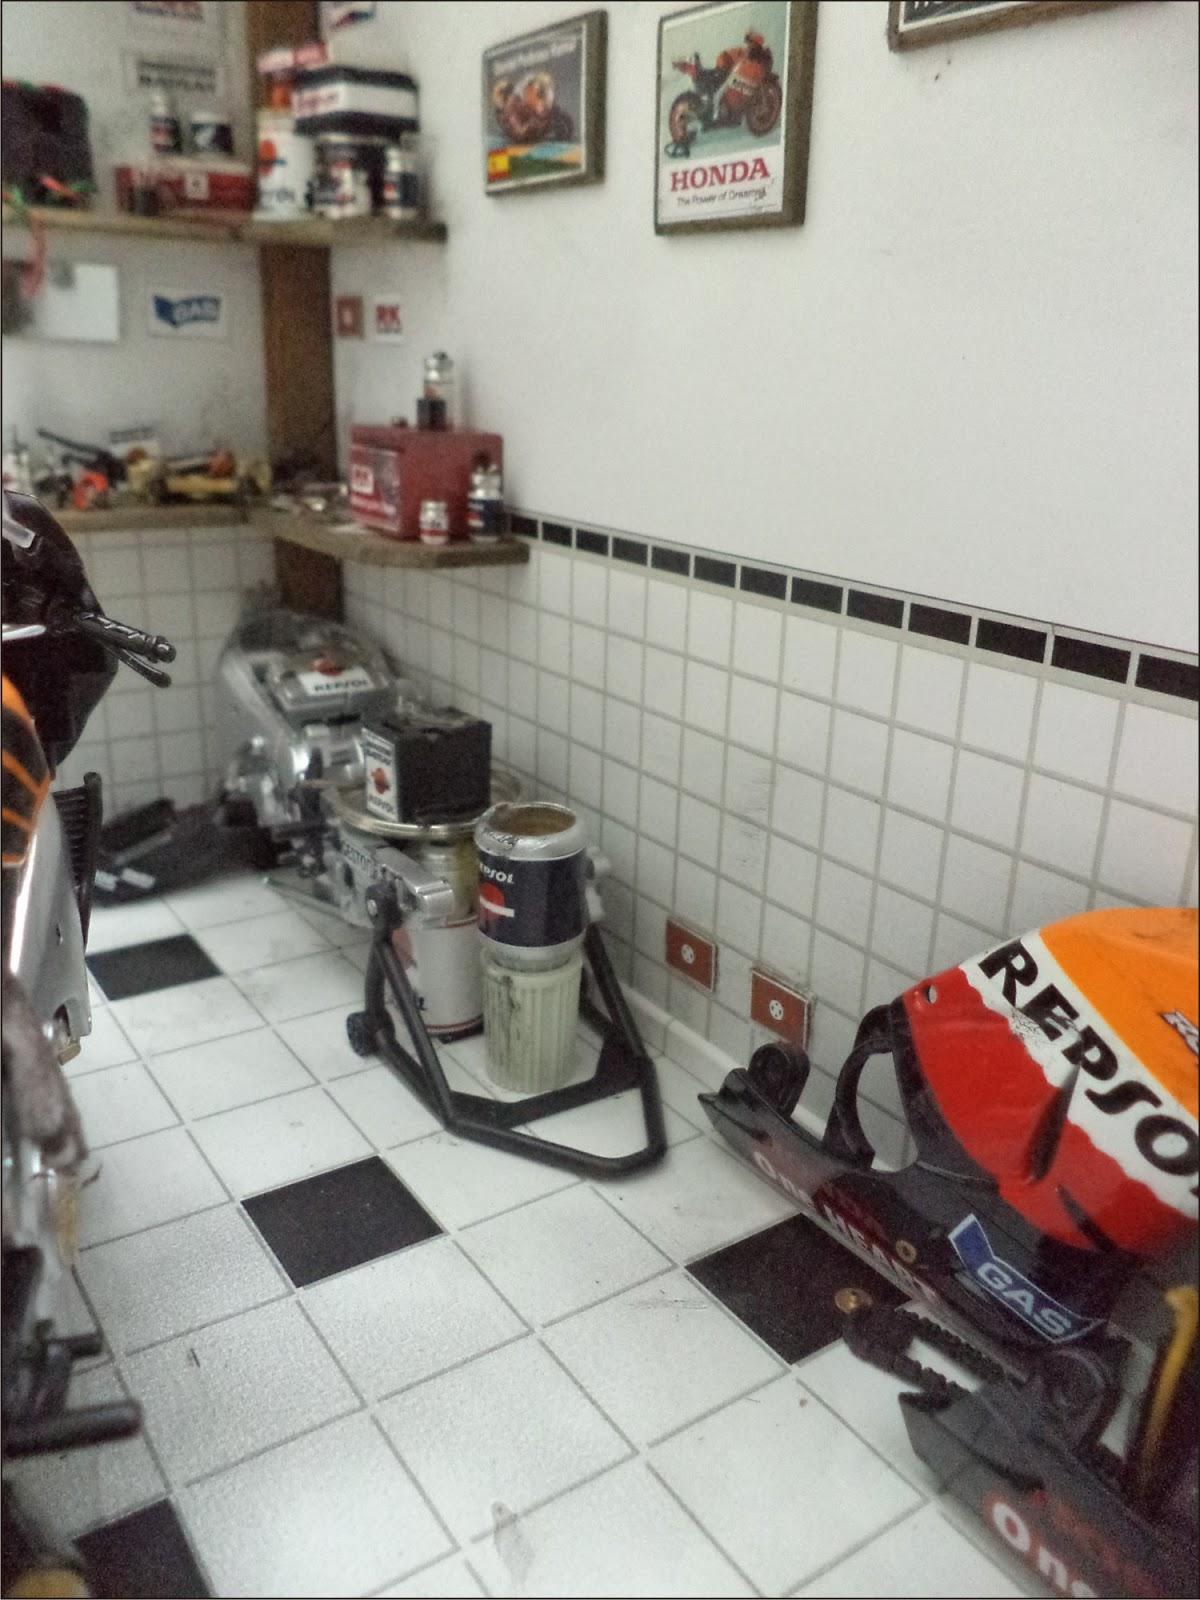 Oficina sergio duarte oficinas moto for Repsol oficinas